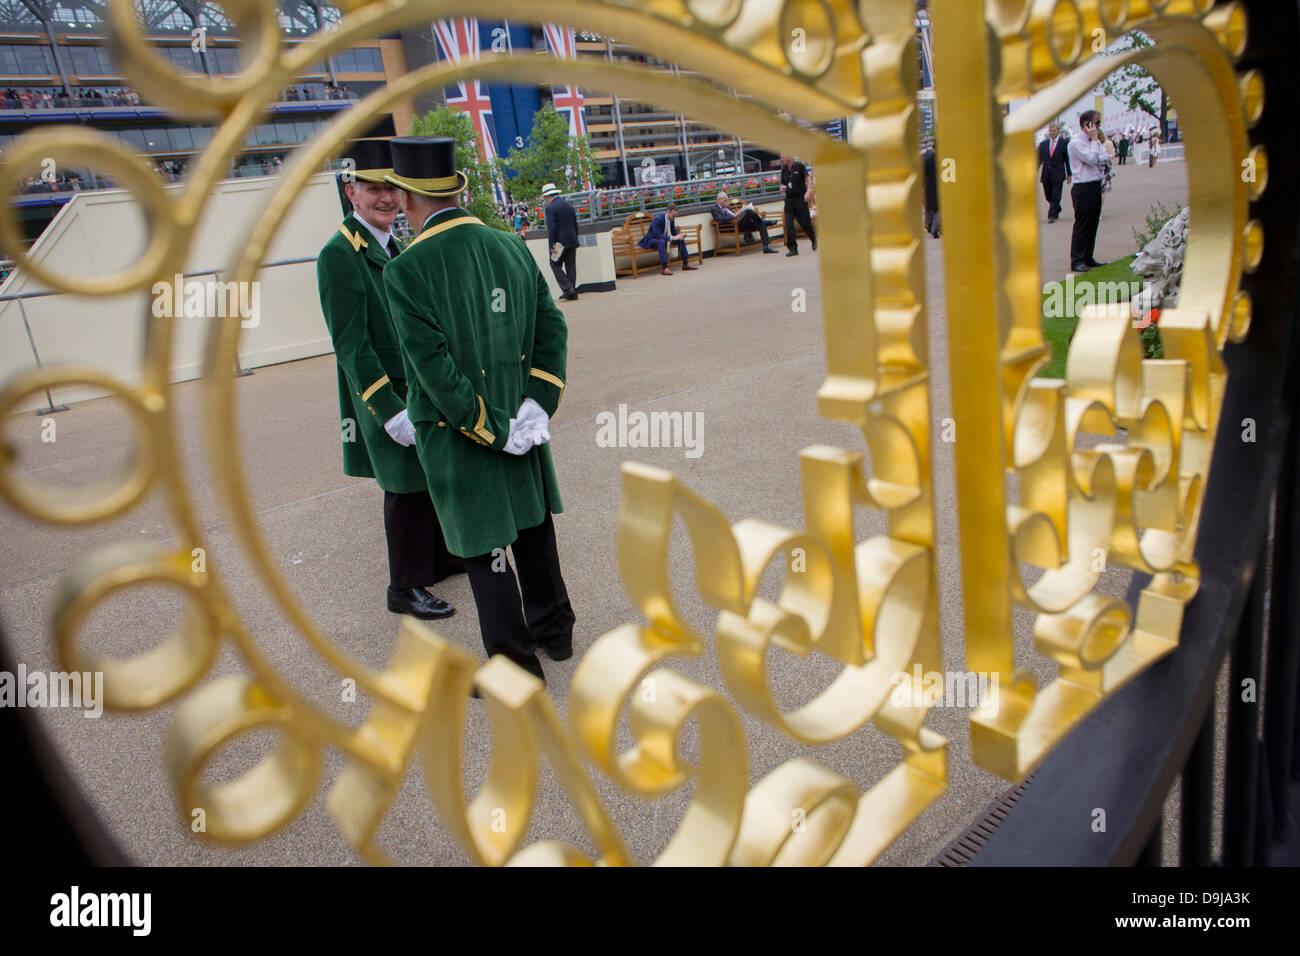 Offizielle Gatekeeper gesehen durch die Krone Gestaltung am Eingang während des jährlichen Royal Ascot Pferderennen Stockfoto